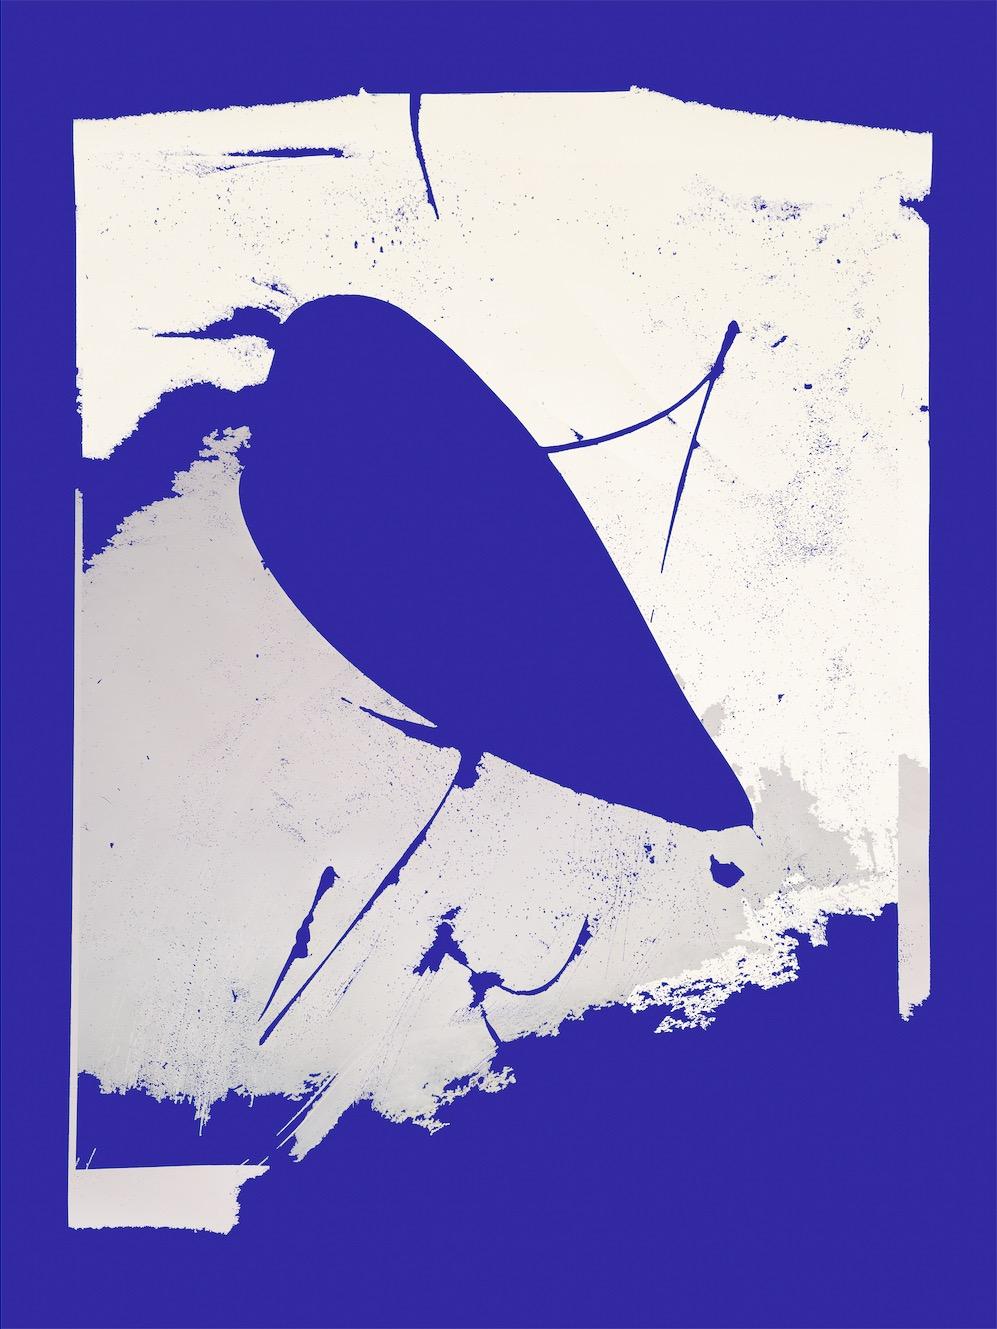 """""""Monochrome (True Mars Blue), Facing the Ocean"""", 2019, tirage pigmentaire archive sur papier, 60 x 45 cm, édition de 3 plus 2 tirages d'artiste"""